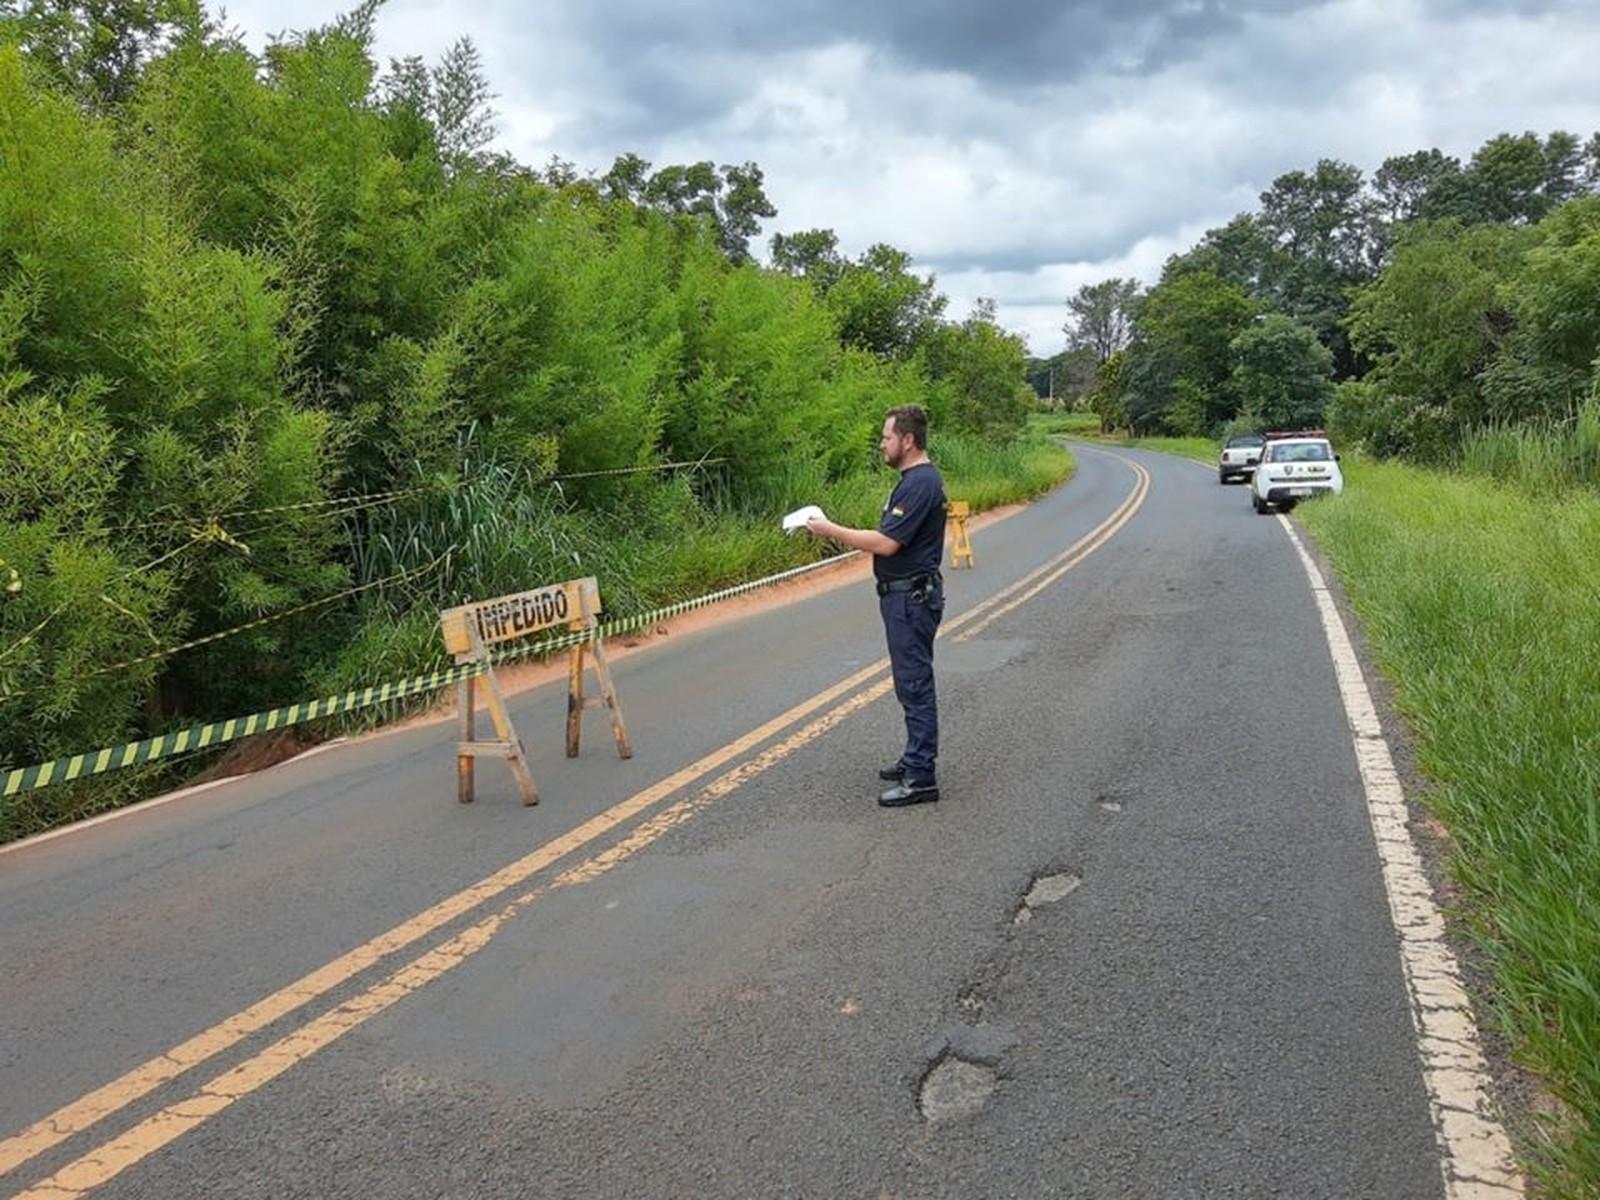 Prefeitura informou que já entrou em contato com o DER, que é o responsável pela recuperação da pista — Foto: Prefeitura de Paraguaçu Paulista/Divulgação